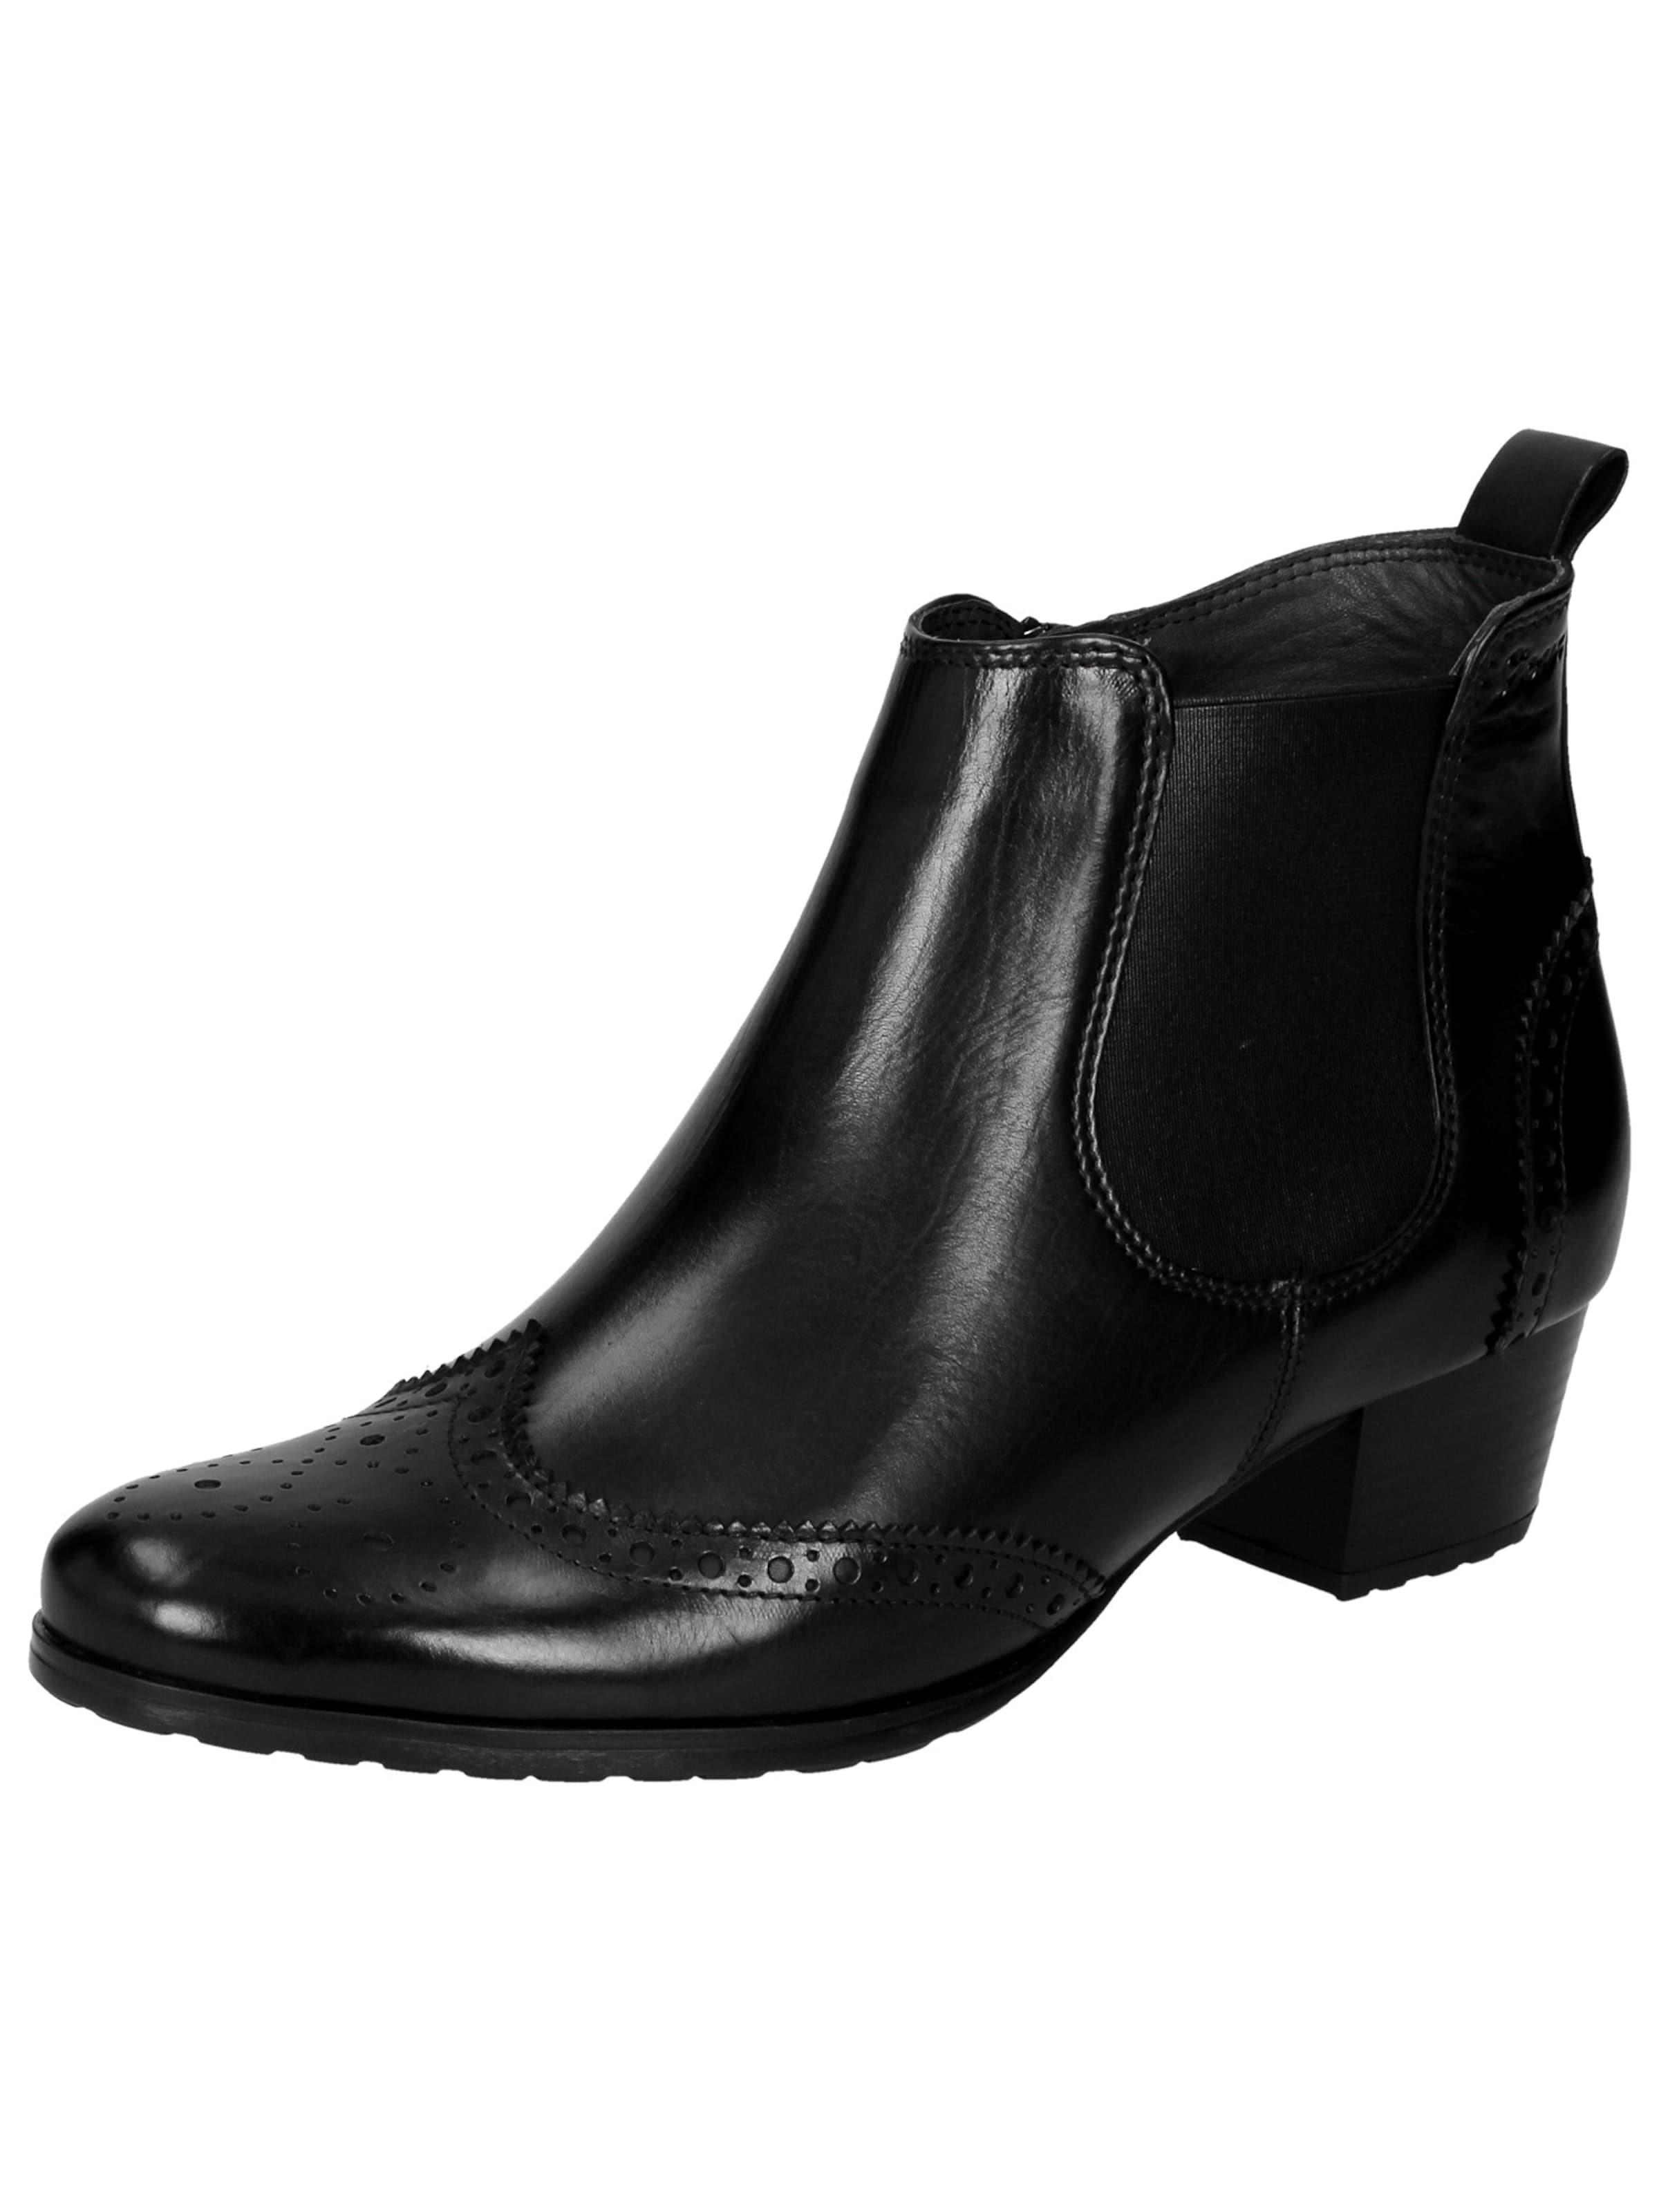 SIOUX Stiefelette Fernla Verschleißfeste billige Schuhe